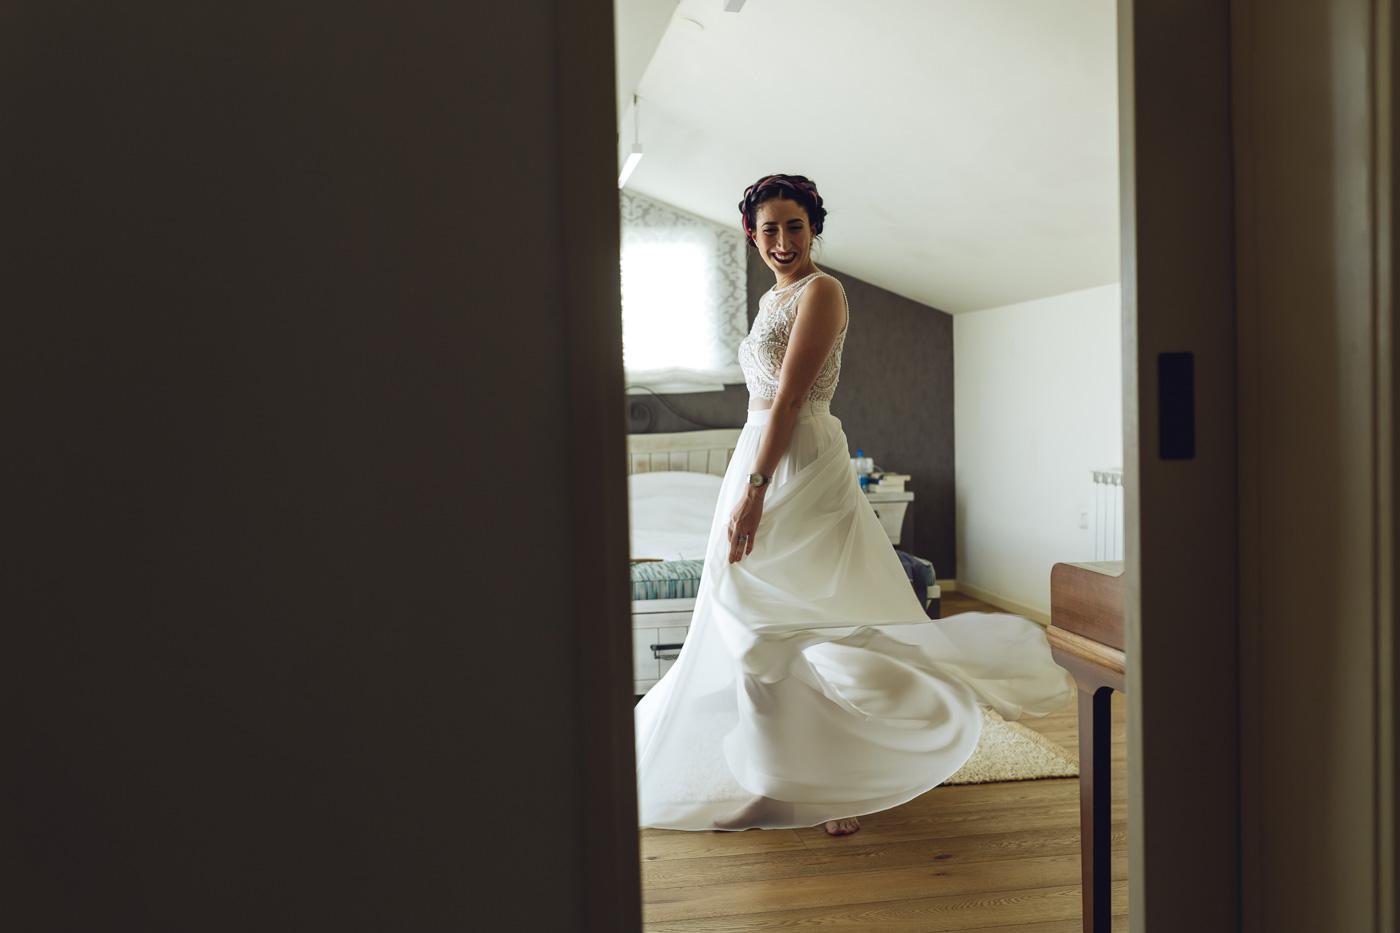 Leore & Yiftach wedding_0137.jpg